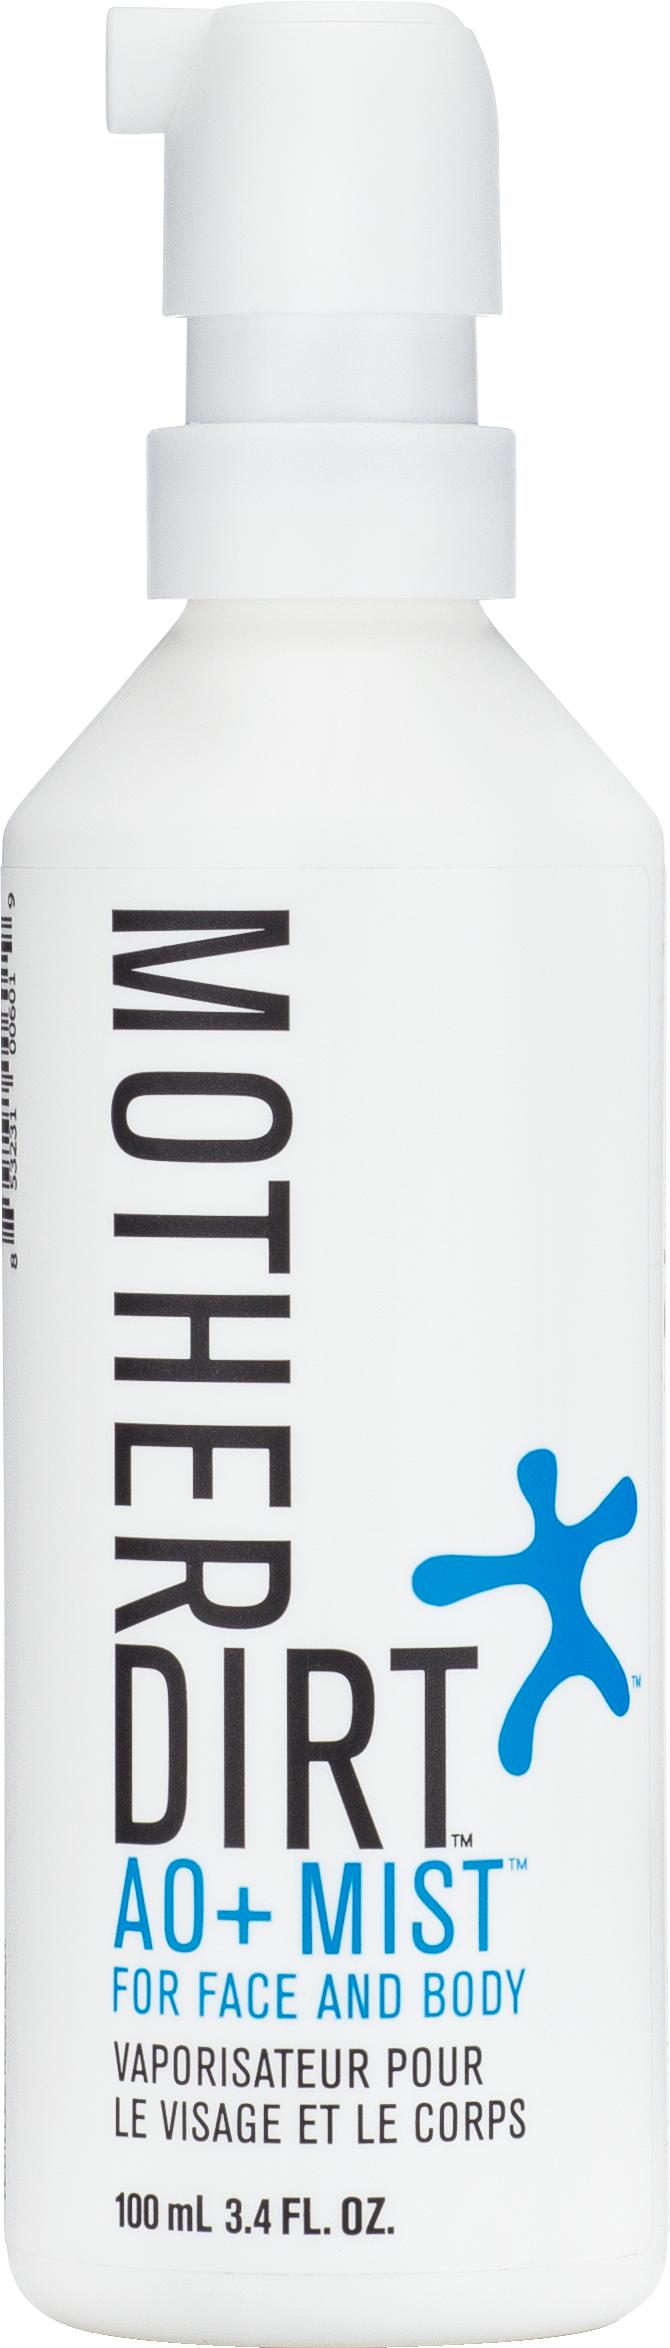 Mother Dirt AO+ Mist